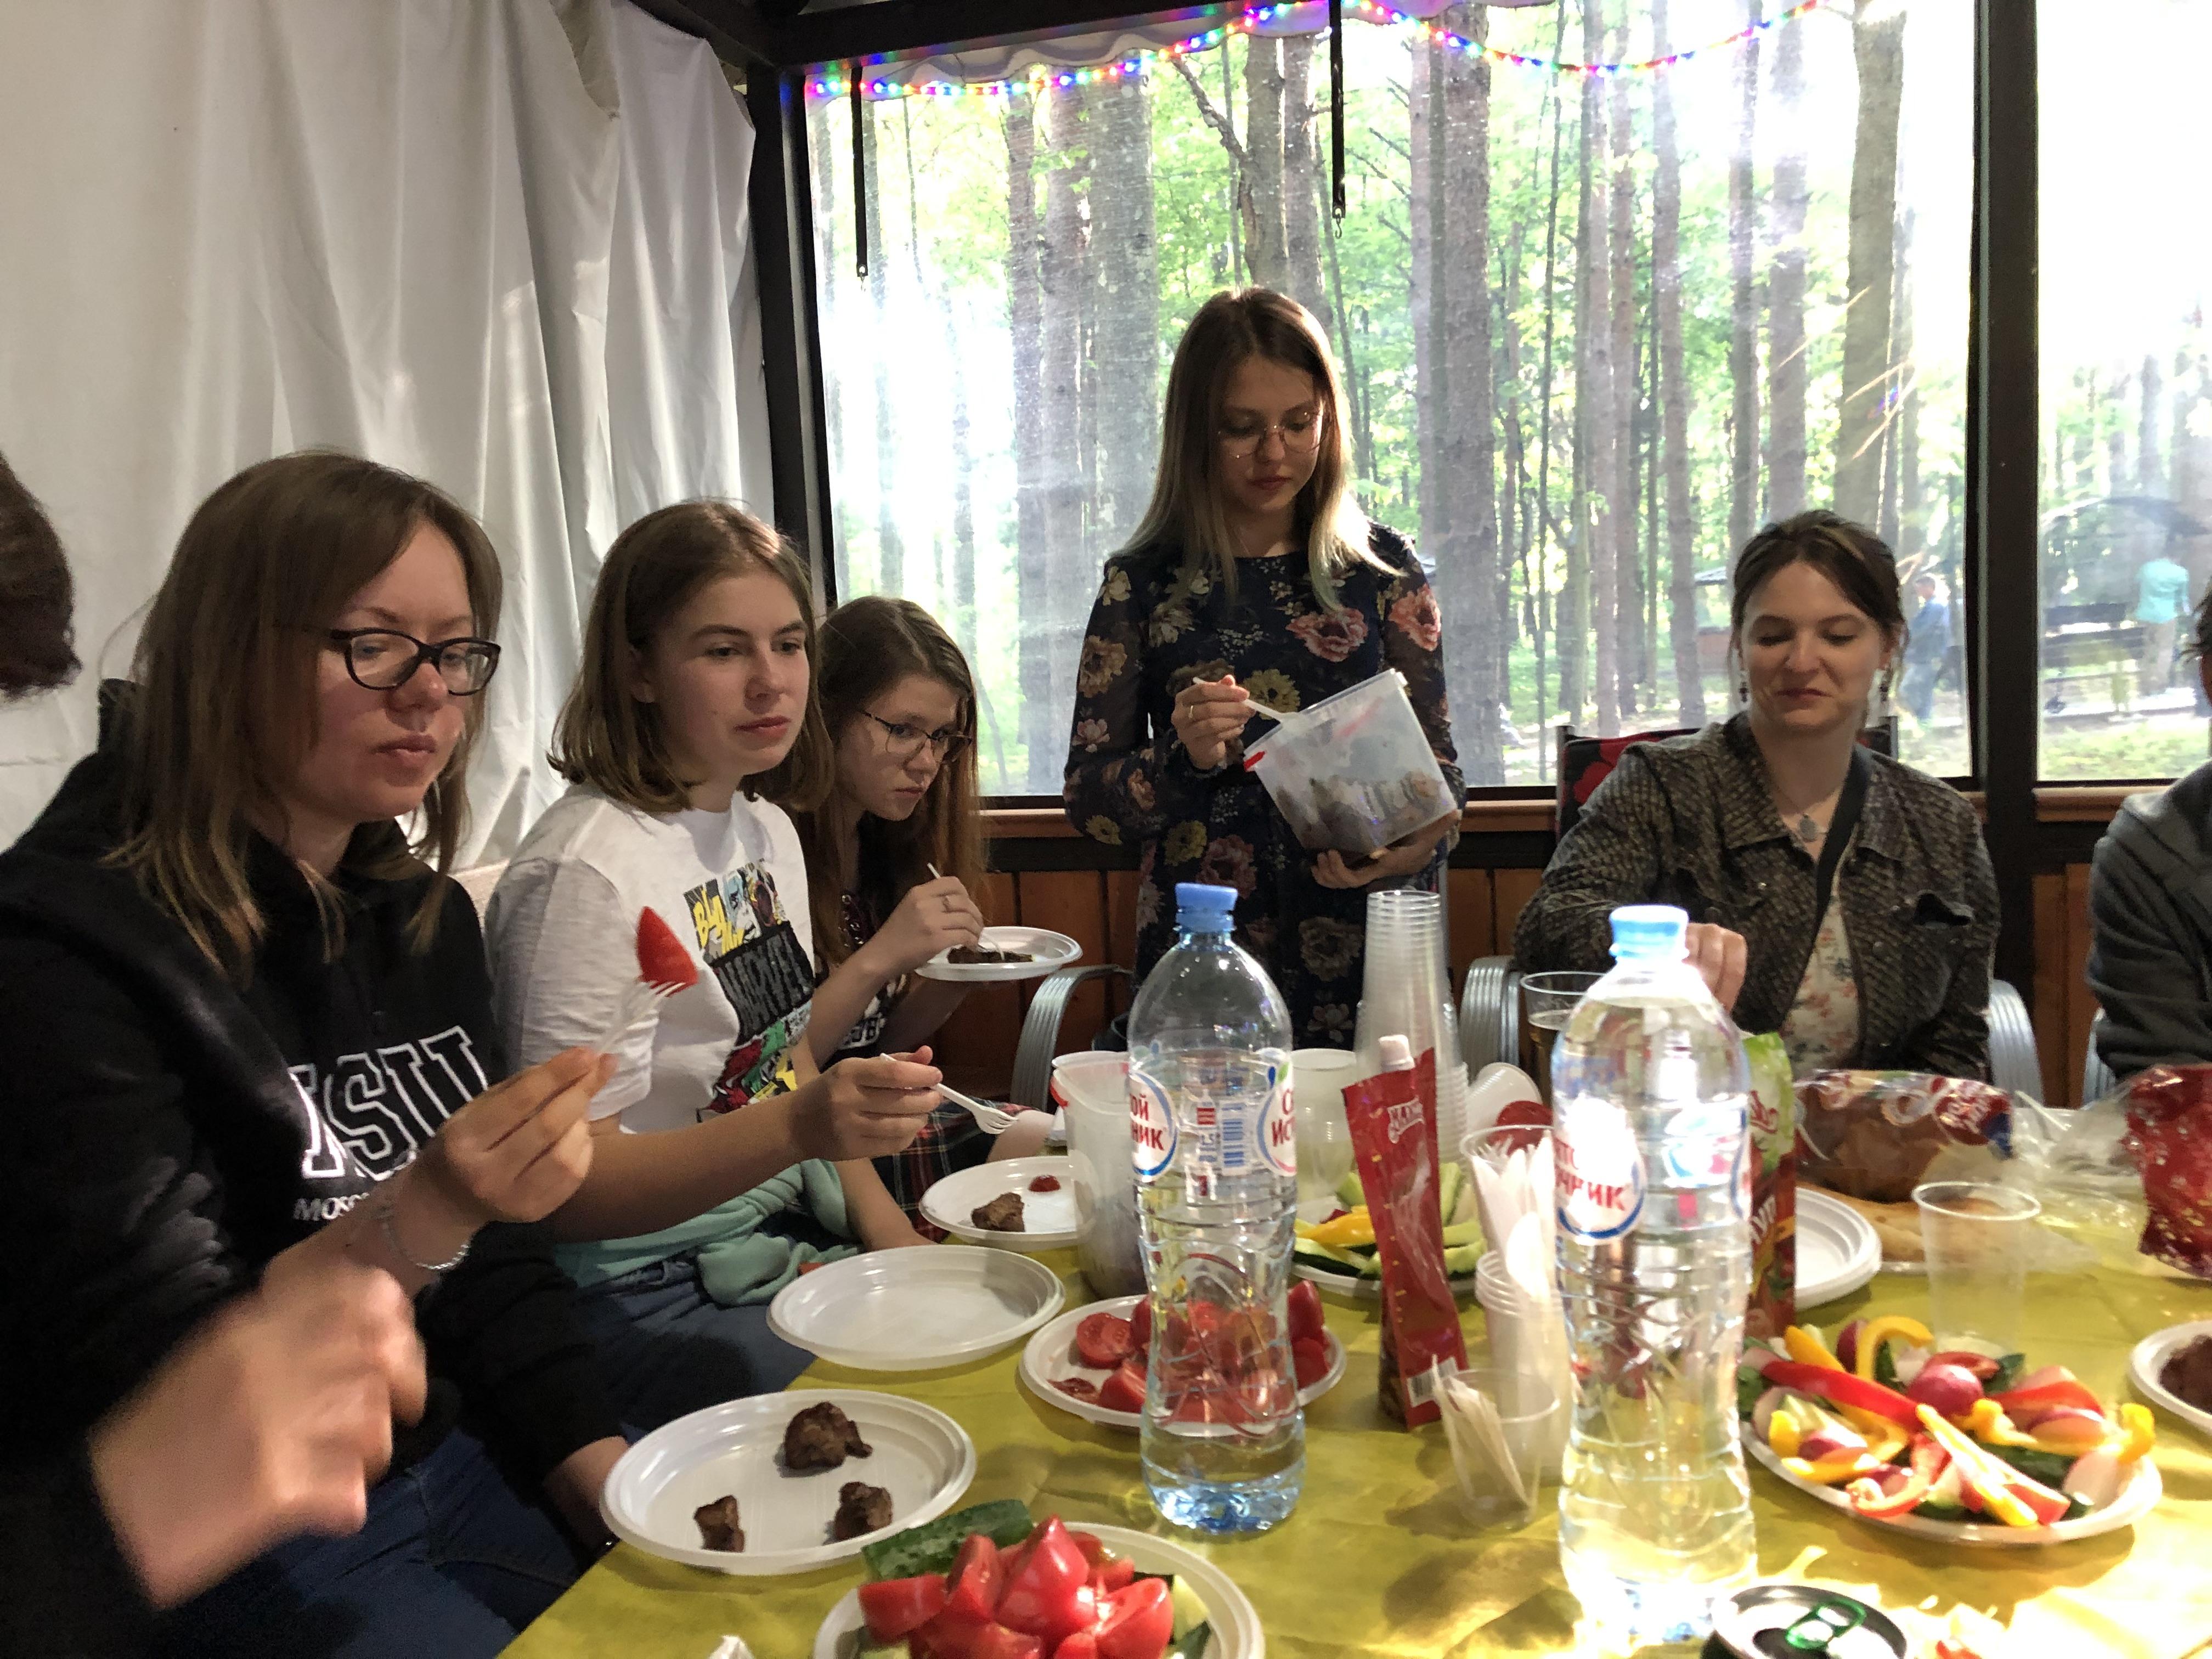 Обязательный ритуал - поедание шашлыков